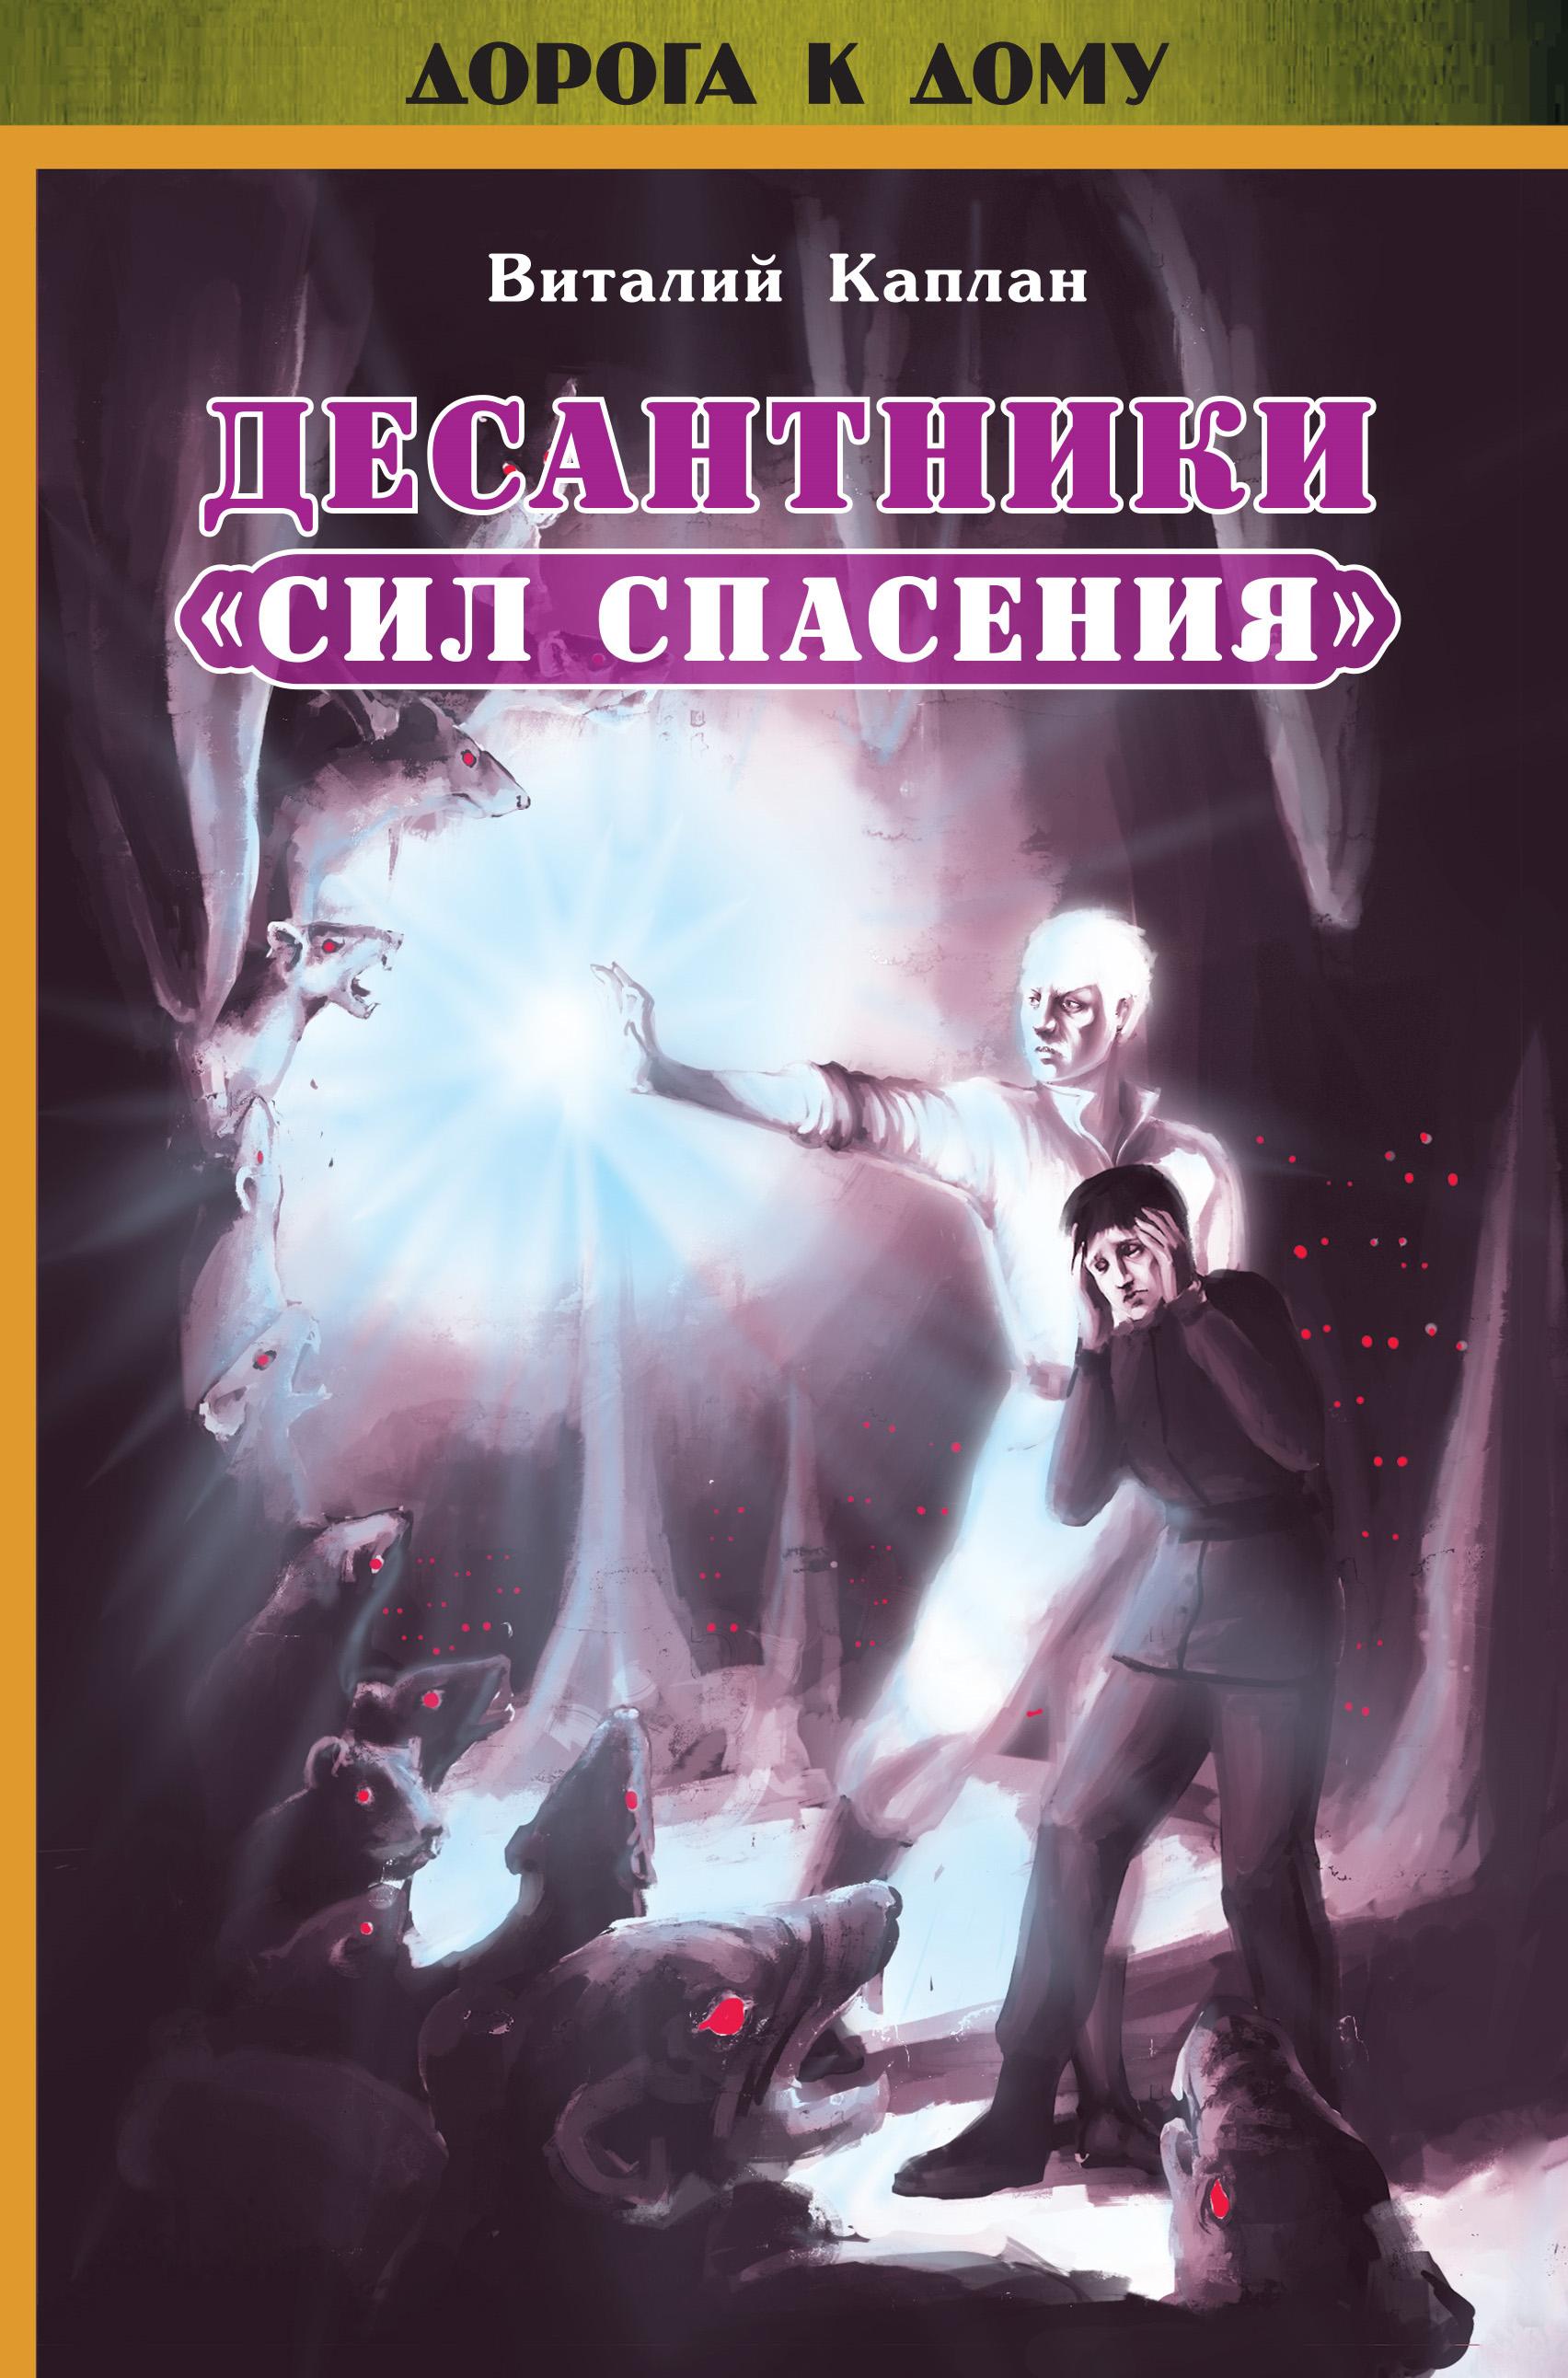 купить Виталий Каплан Десантники «Сил Спасения» по цене 149 рублей